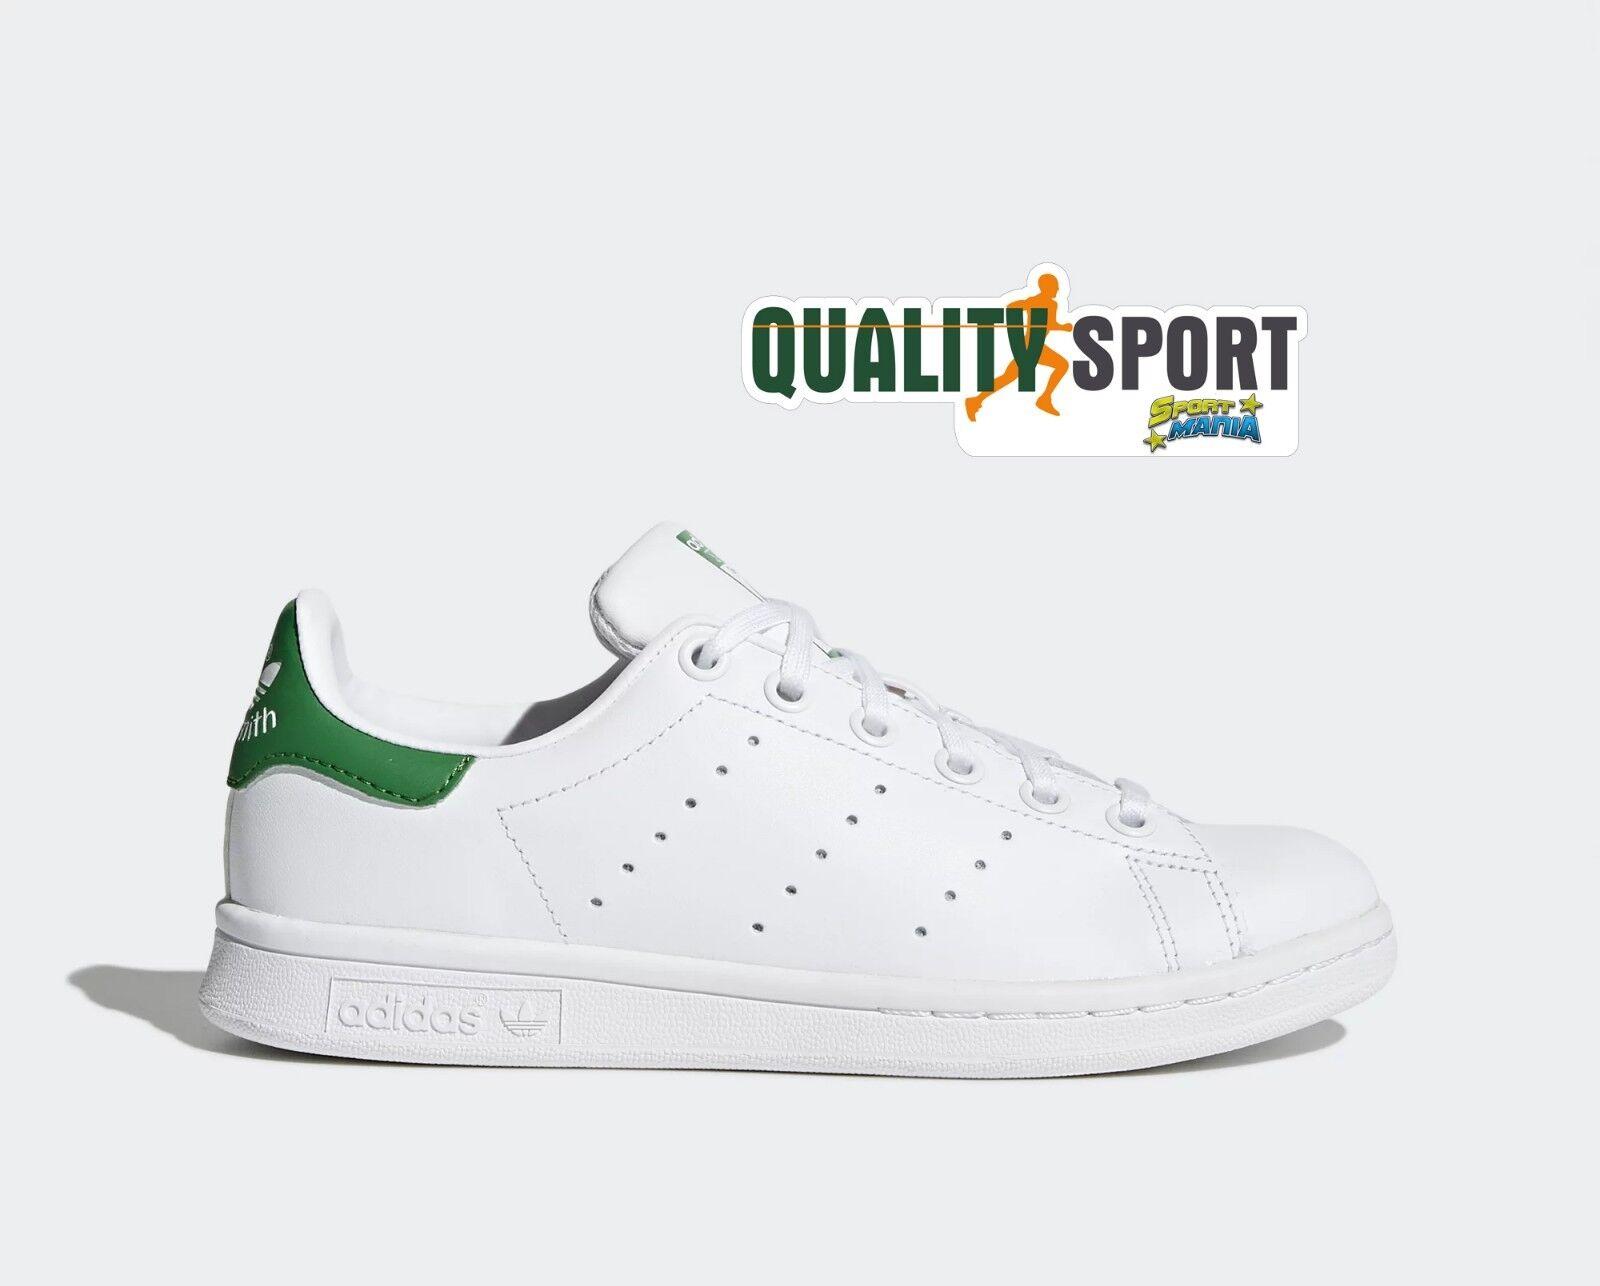 Adidas Stan Smith Bianco verde verde verde zapatos zapatos Sportive zapatillas M20605  tienda en linea